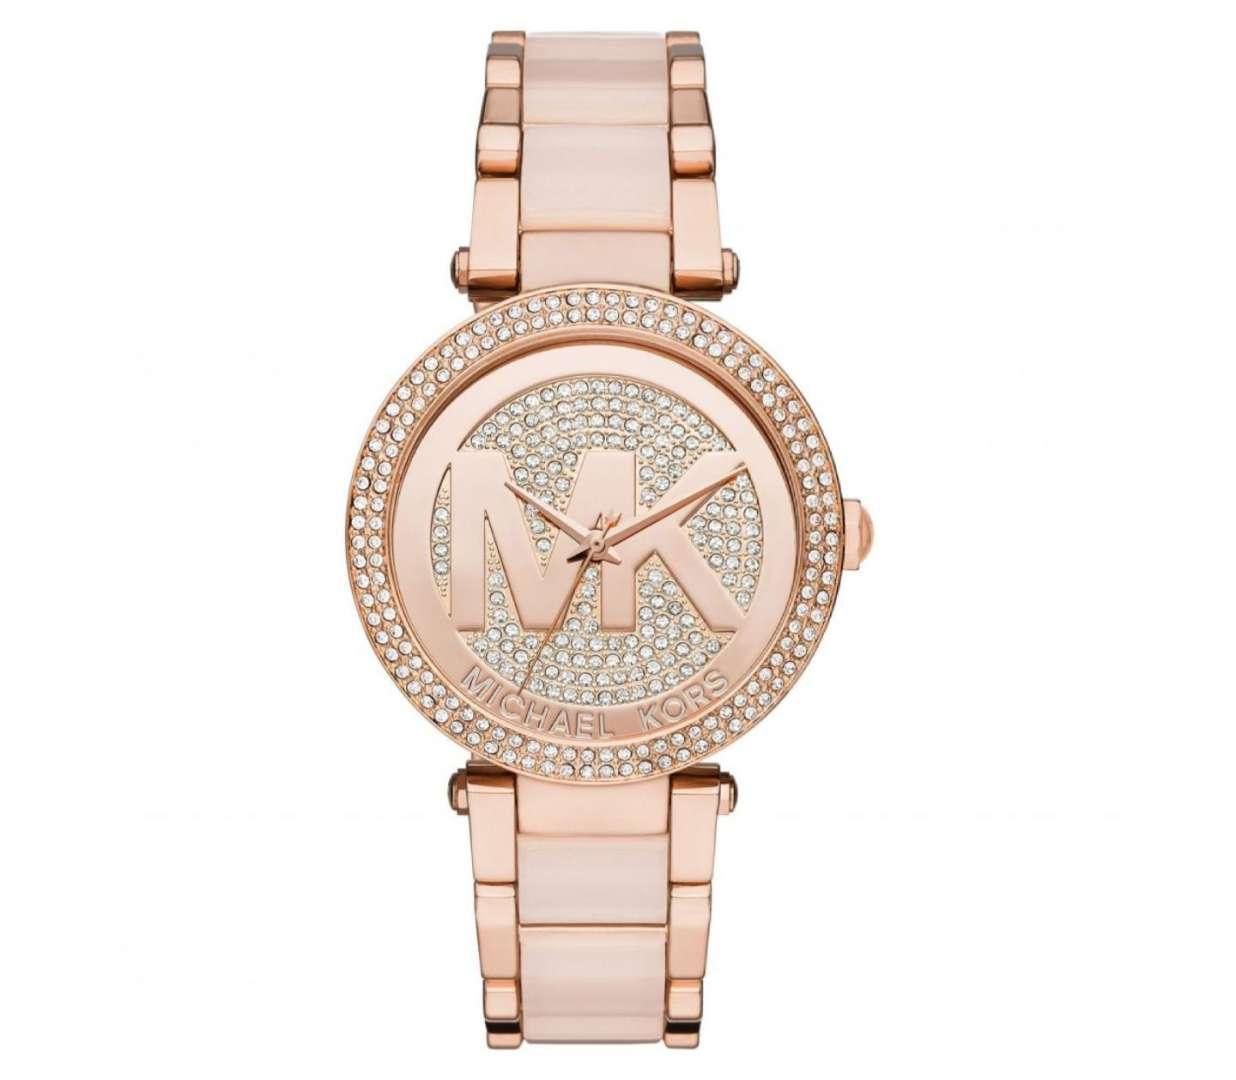 שעון יד אנלוגי לאישה michael kors mk6176 מייקל קורס